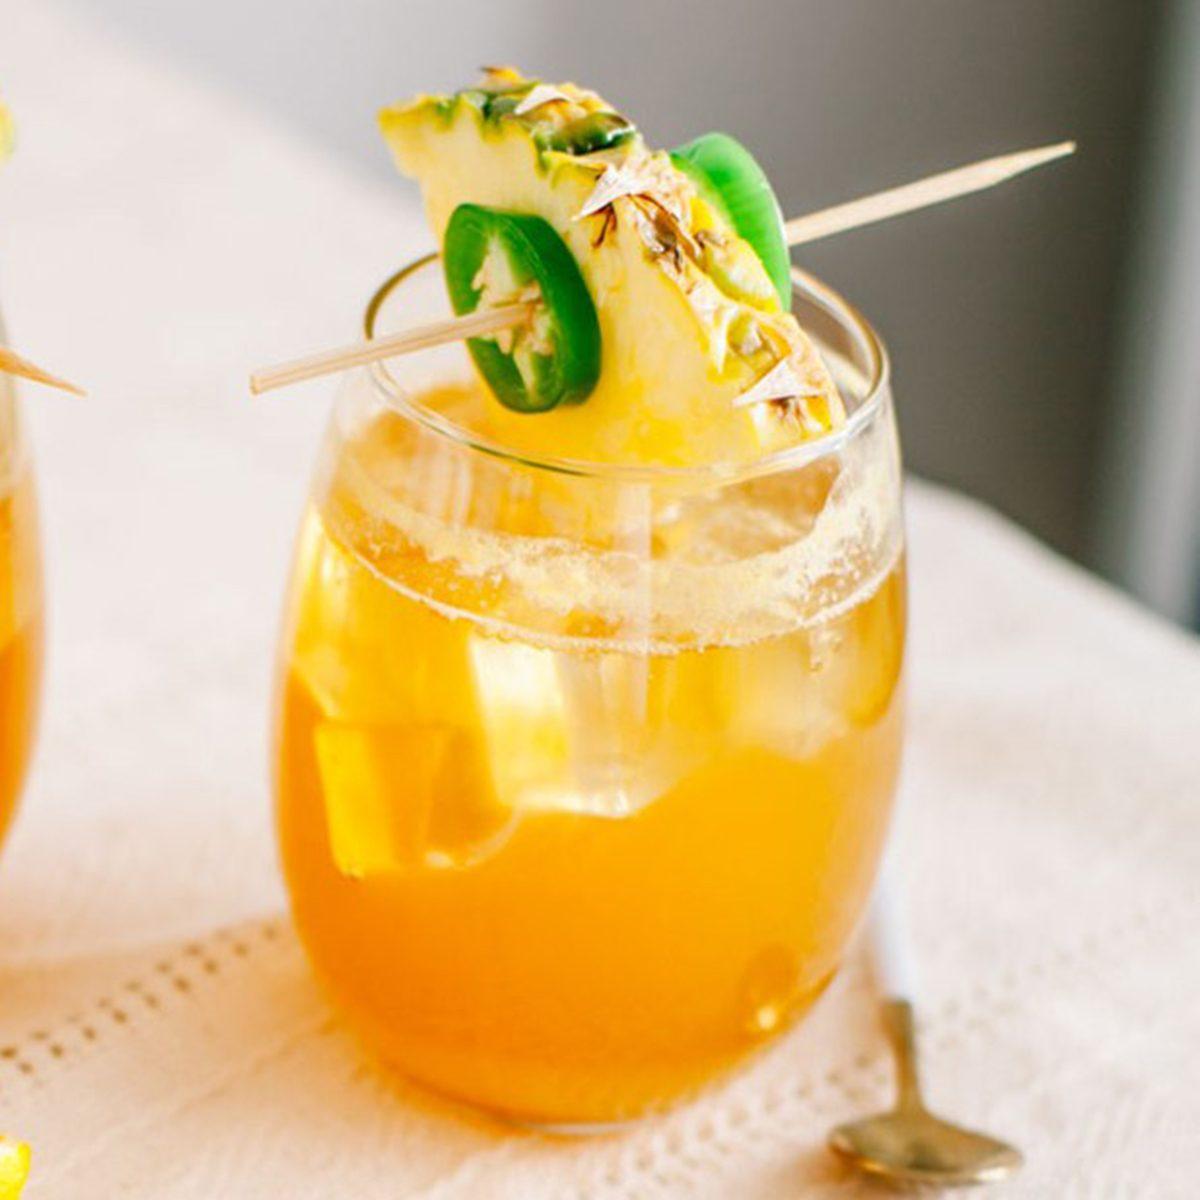 Jalapeno-Honey Pineapple Spritzer